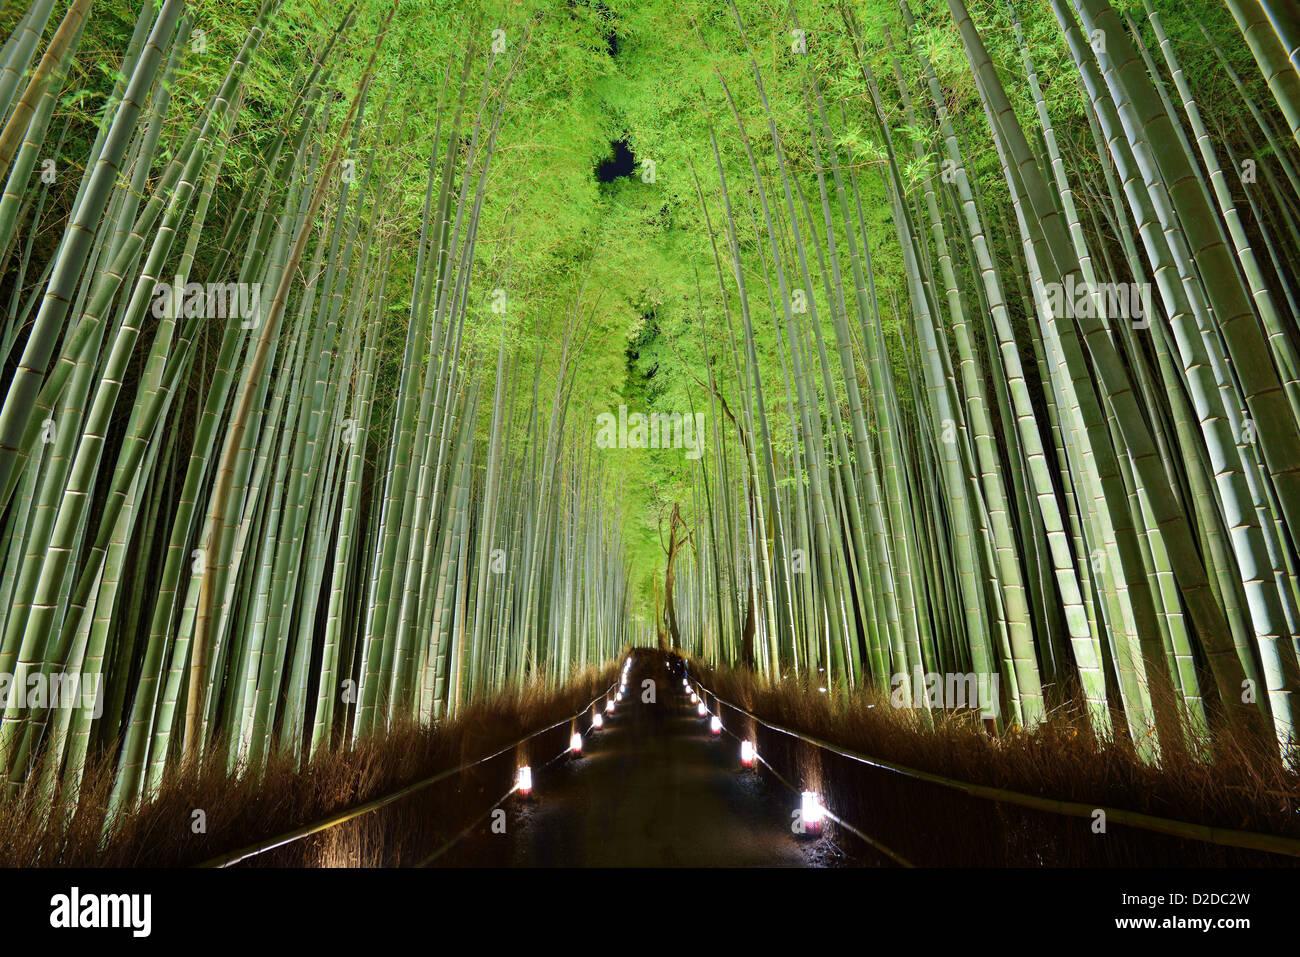 La forêt de bambou de Kyoto, au Japon. Photo Stock